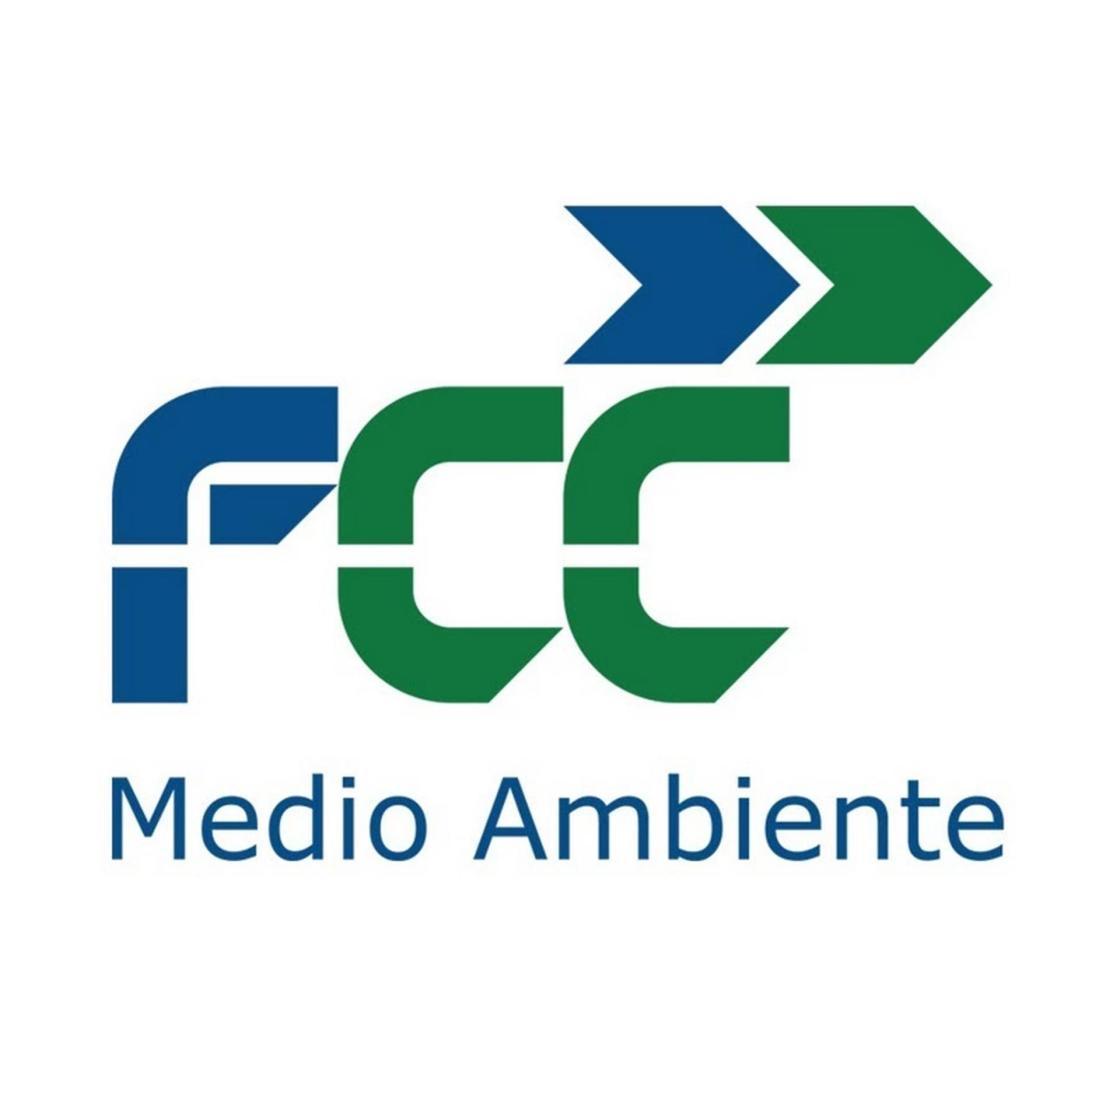 FCC Servicios Medios Ambiente afianza posición liderazgo en Florida con contrato de 380 millones en Condado Hillsborough